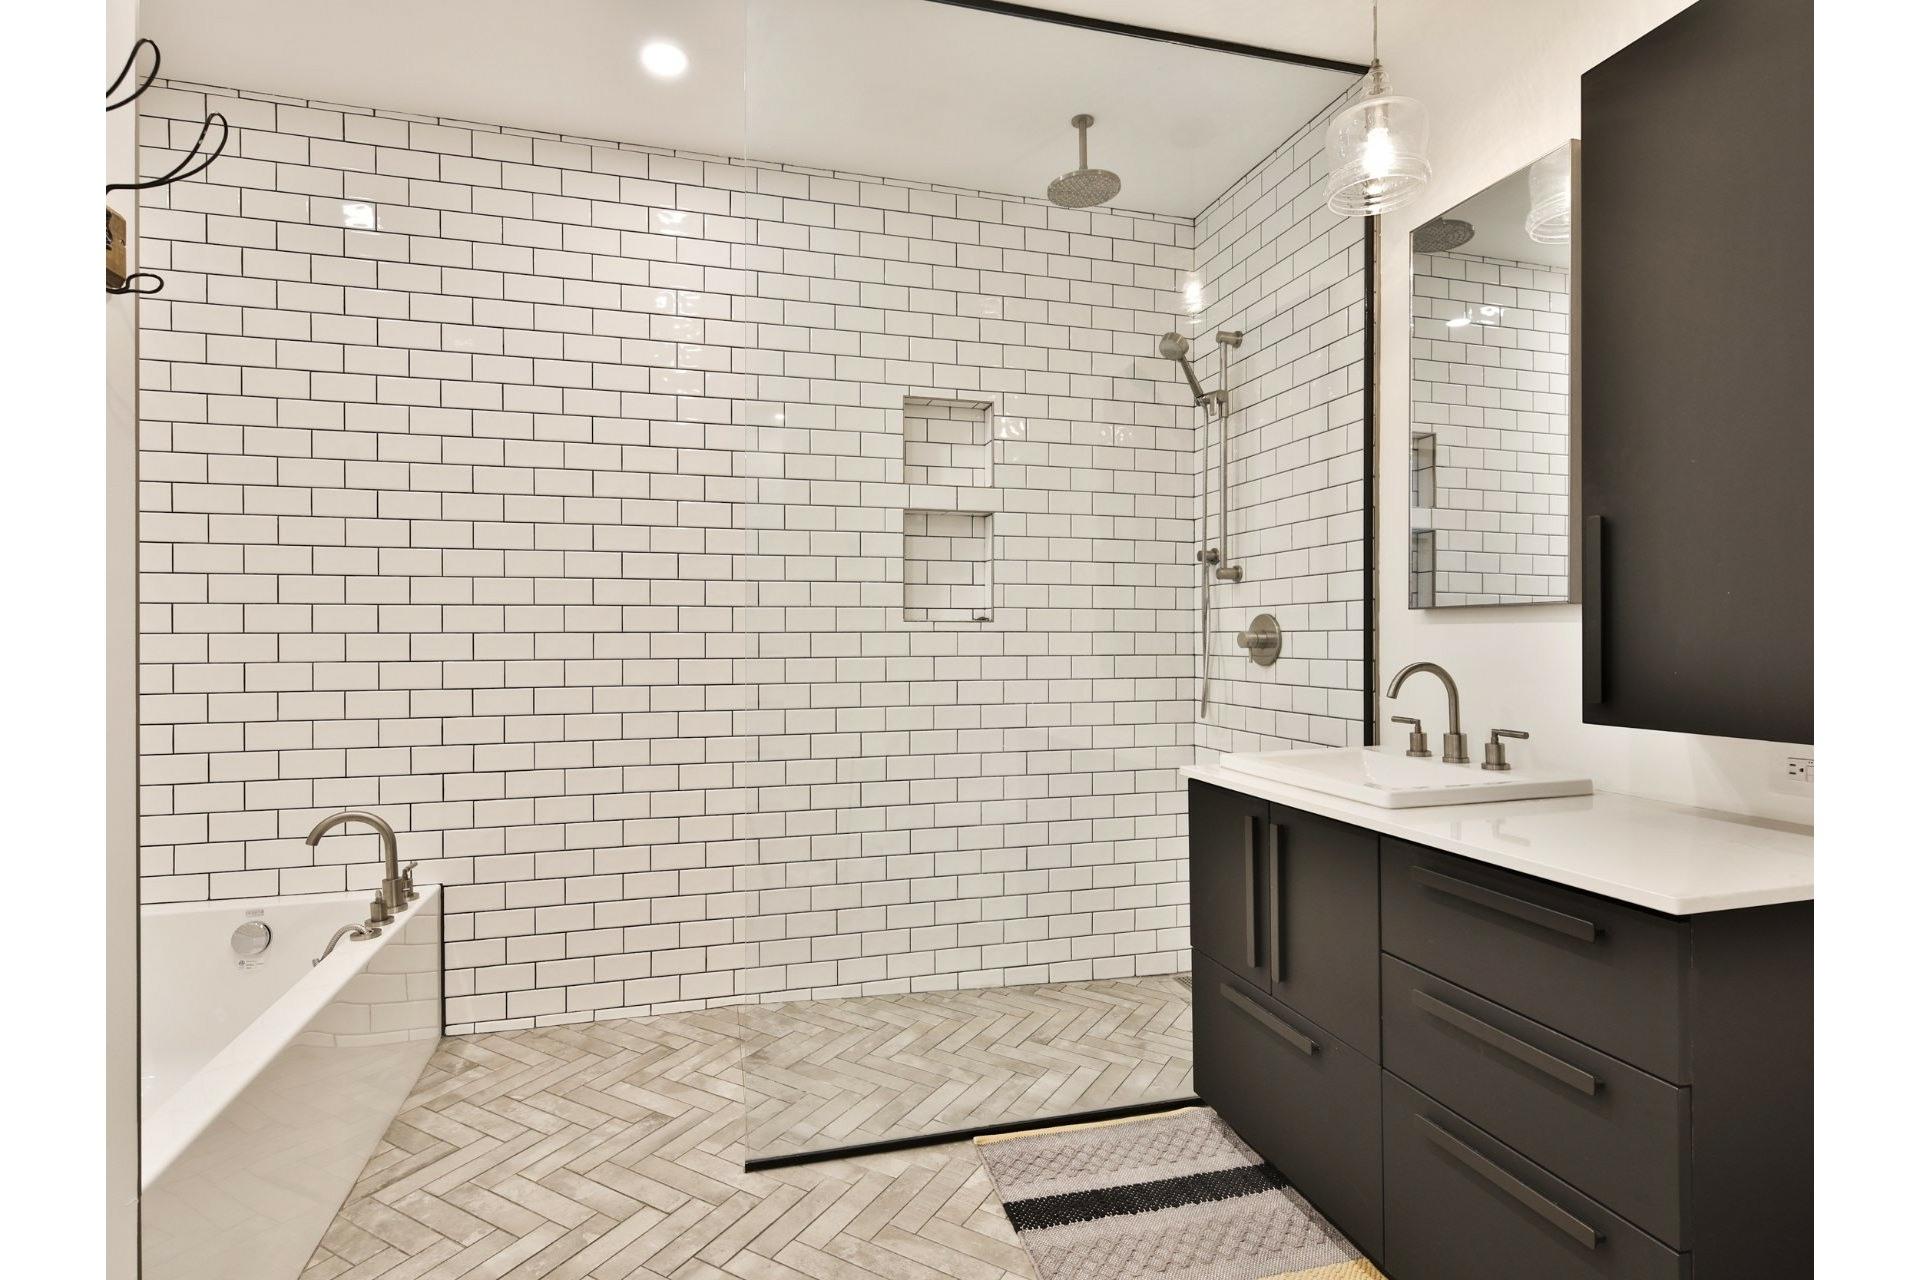 image 9 - Appartement À vendre Le Plateau-Mont-Royal Montréal  - 12 pièces